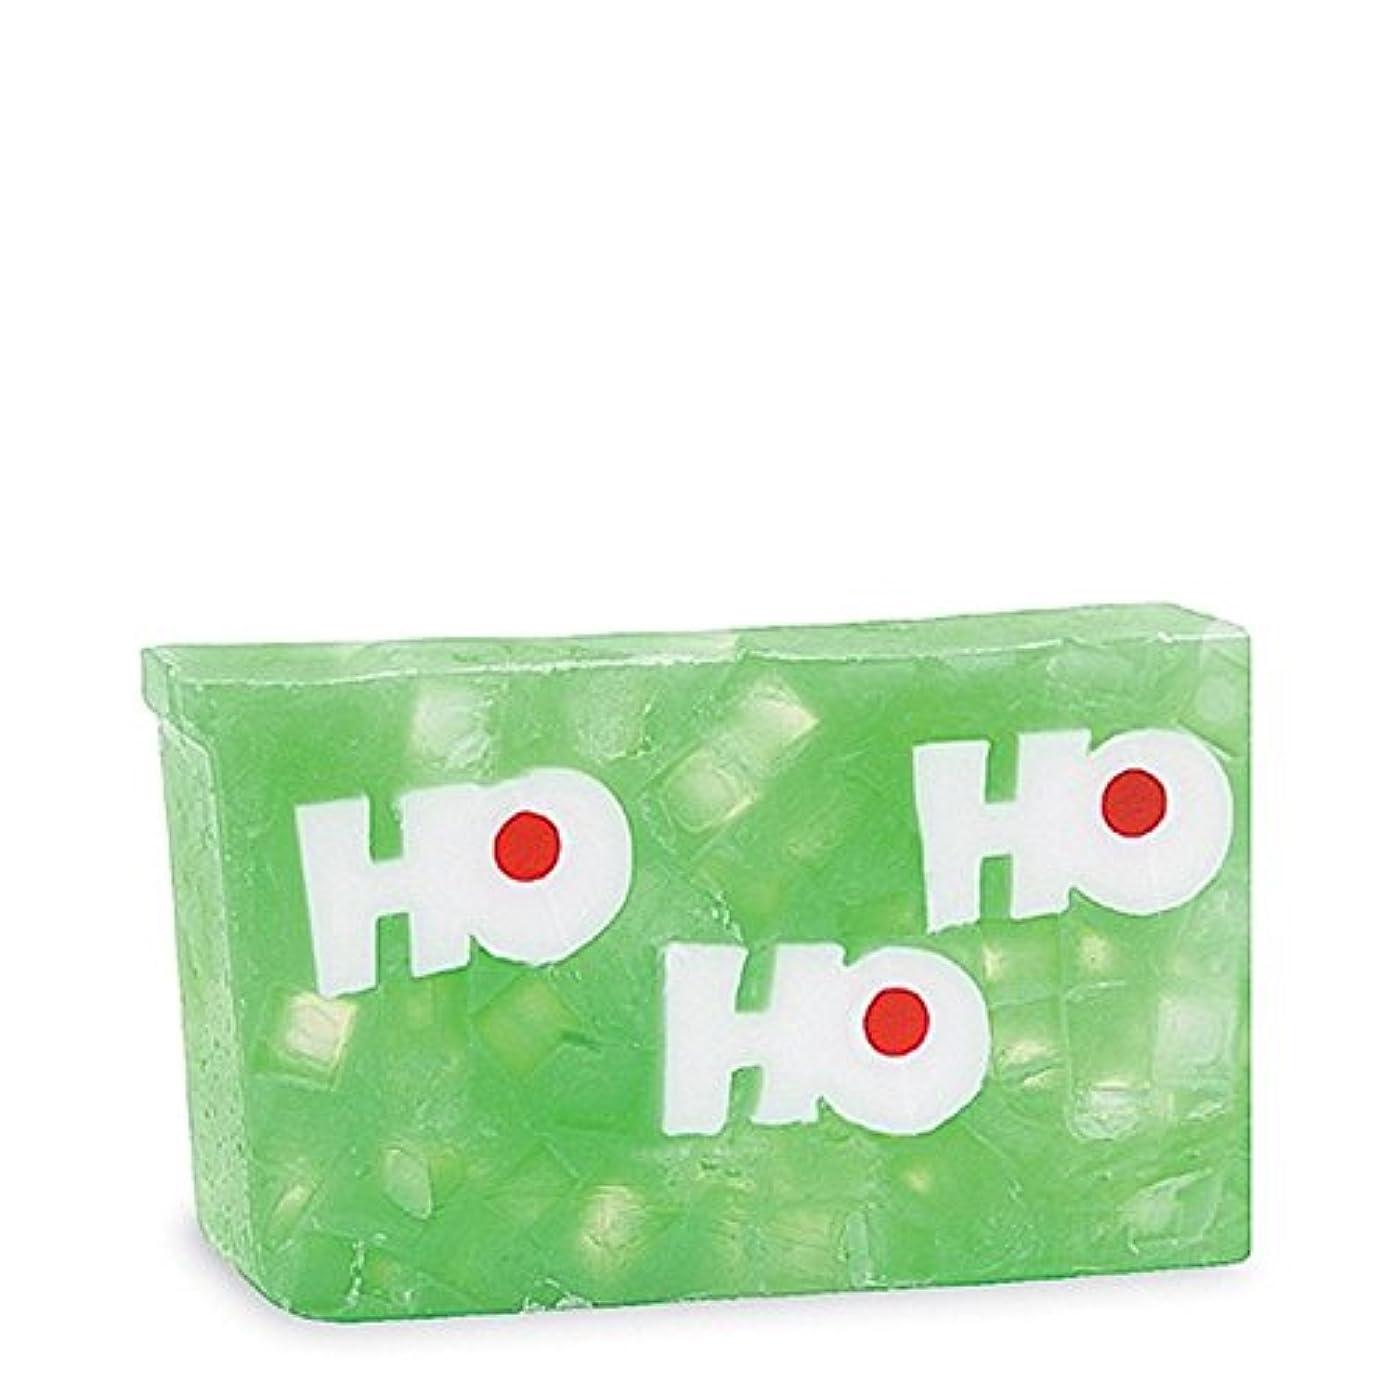 歯科医衝突する肩をすくめる原初の要素ホーホーホ石鹸 x2 - Primal Elements Ho Ho Ho Soap (Pack of 2) [並行輸入品]